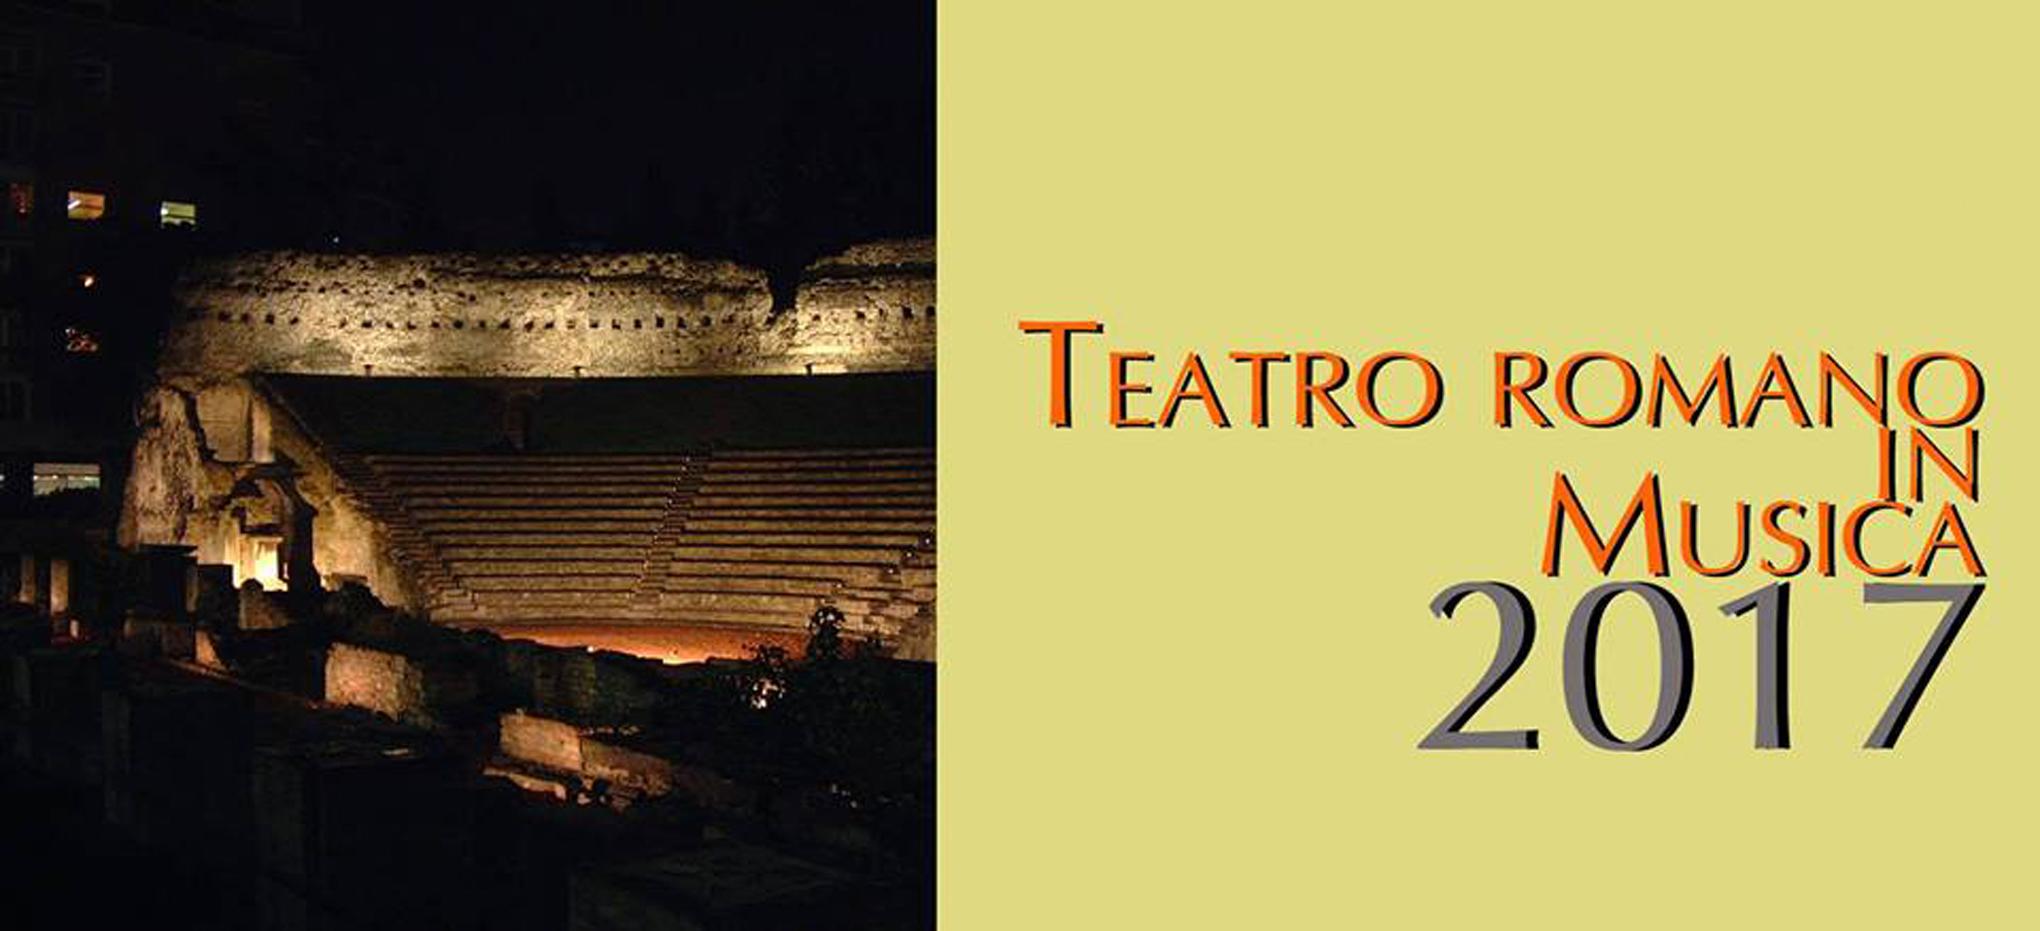 Teatro romano in musica trieste 10 08 17